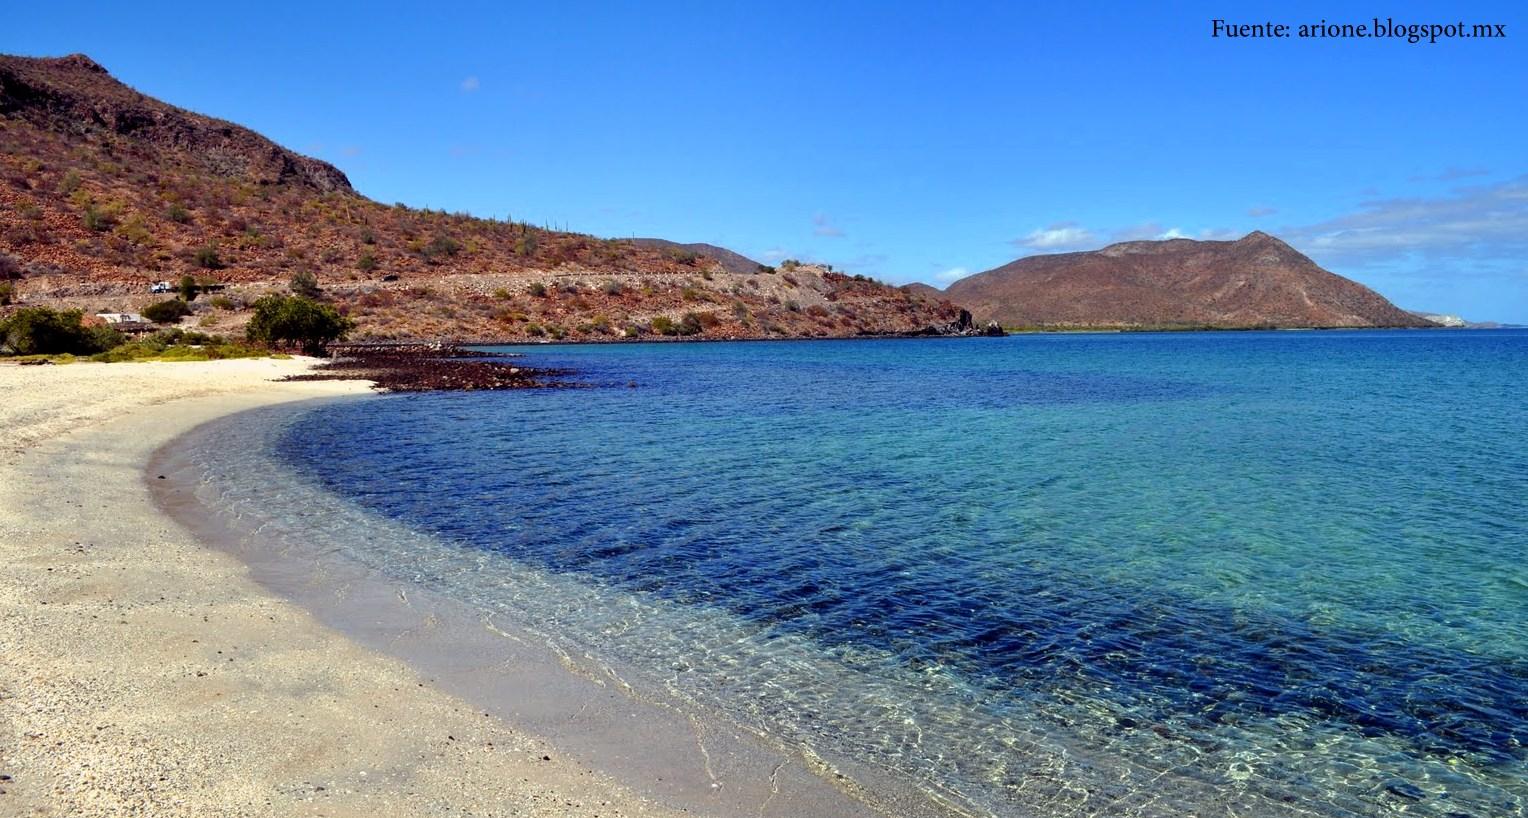 Playa 3 en el agua - 5 9